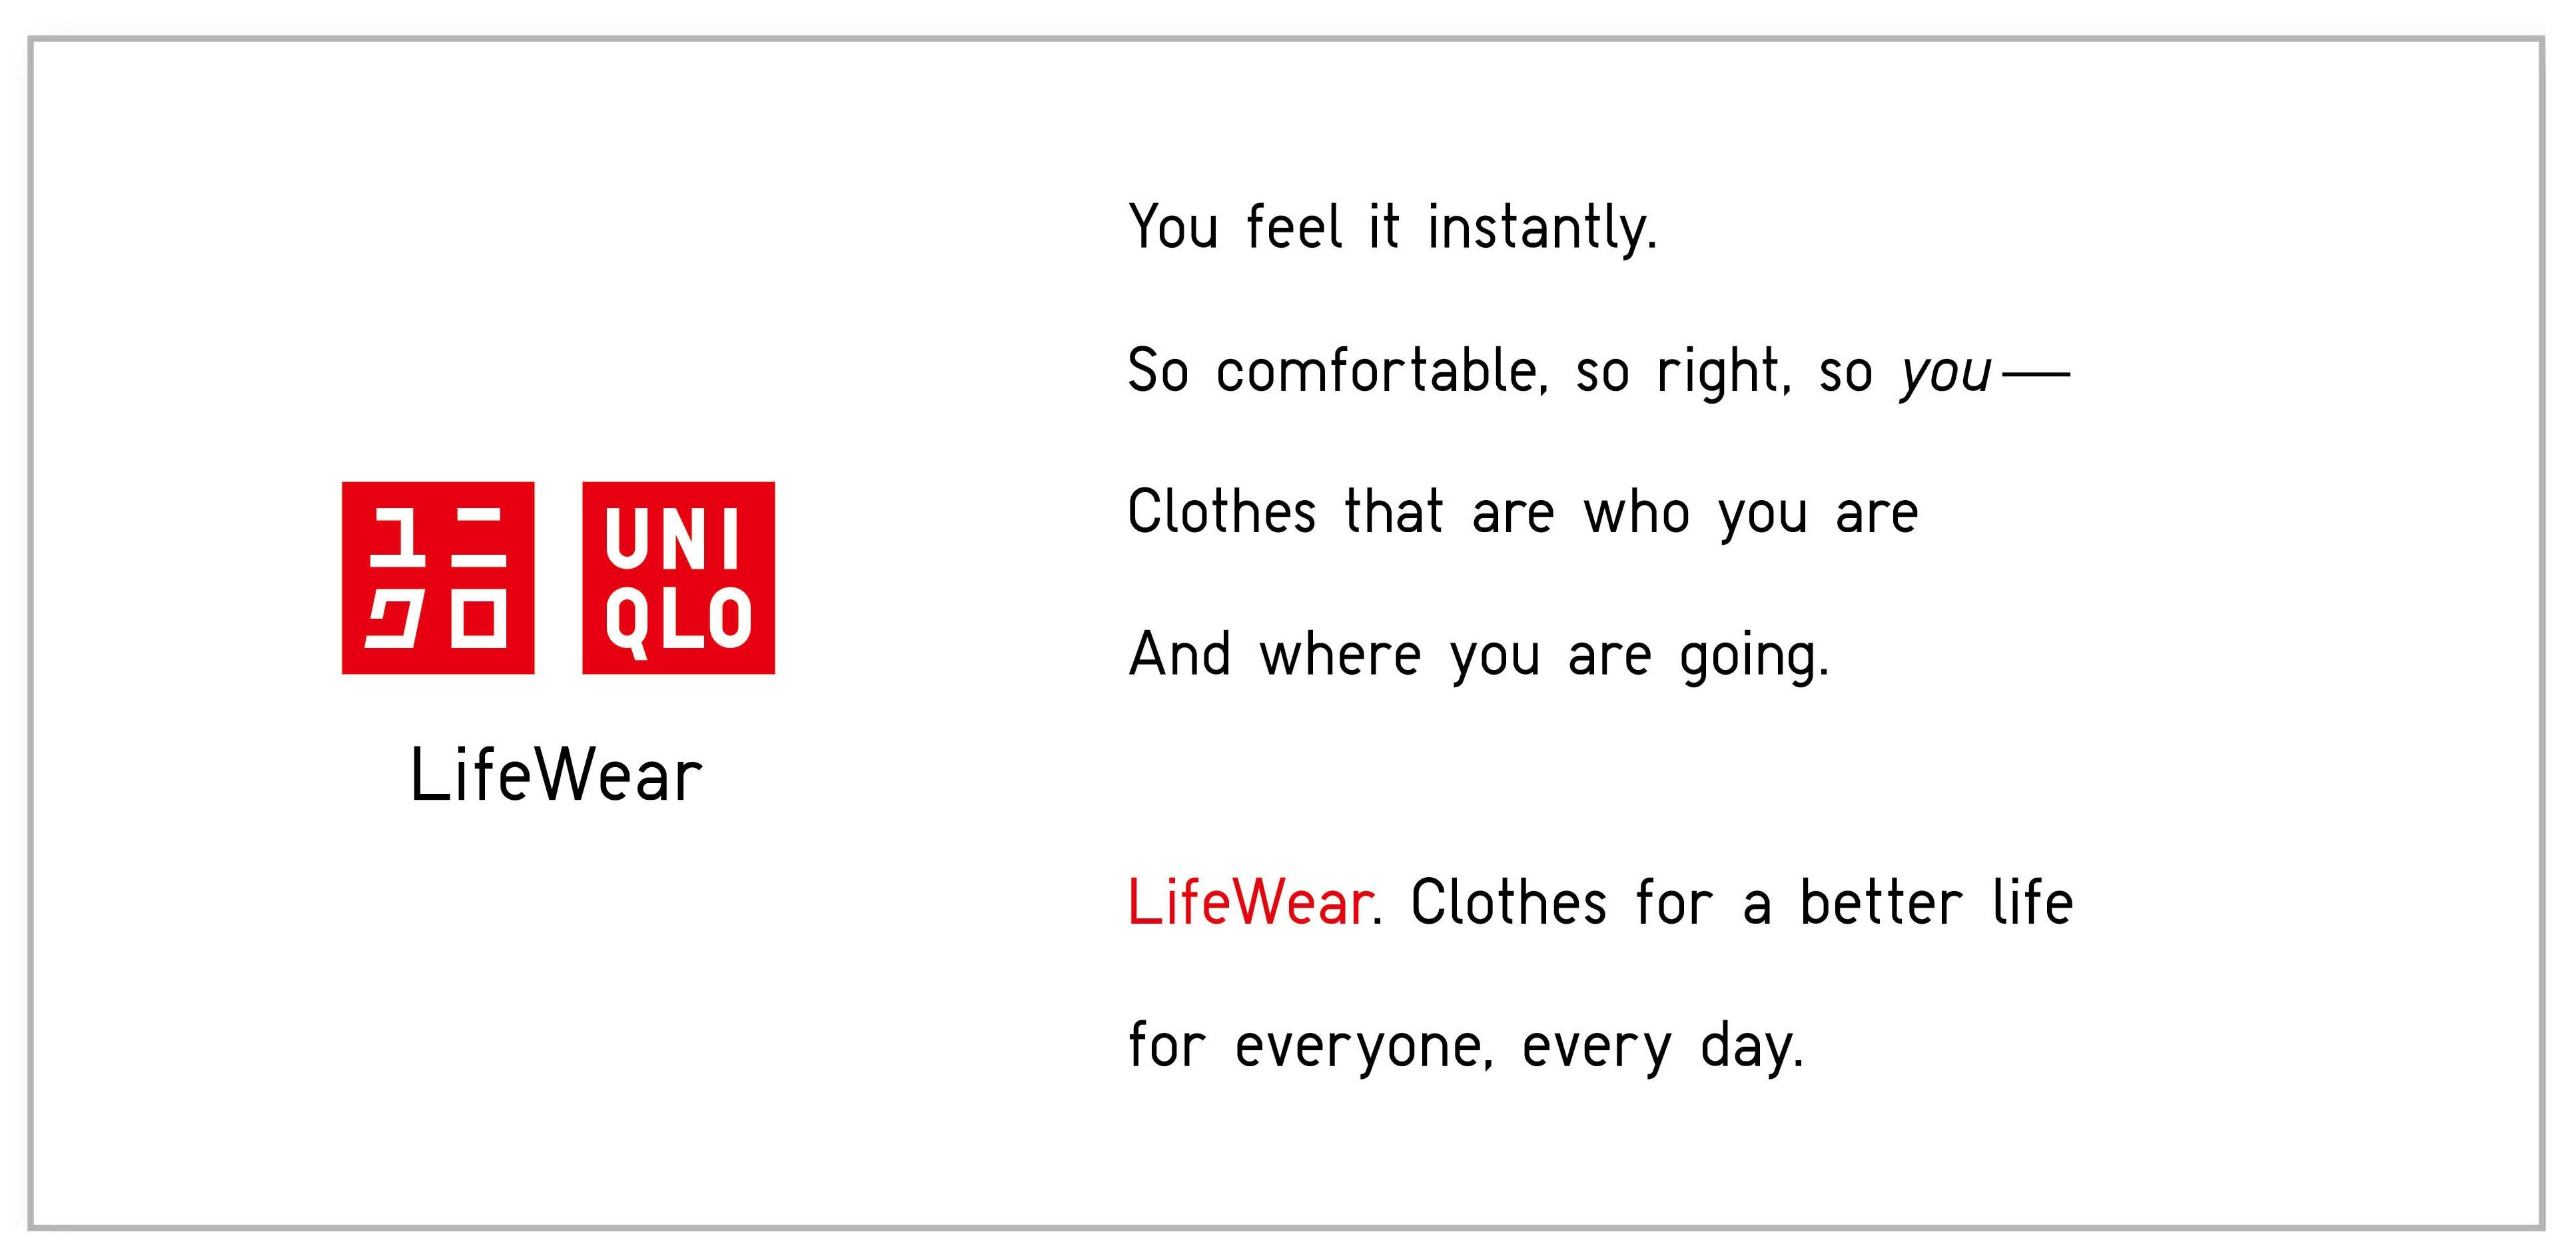 Uniqlo_clothes.jpg